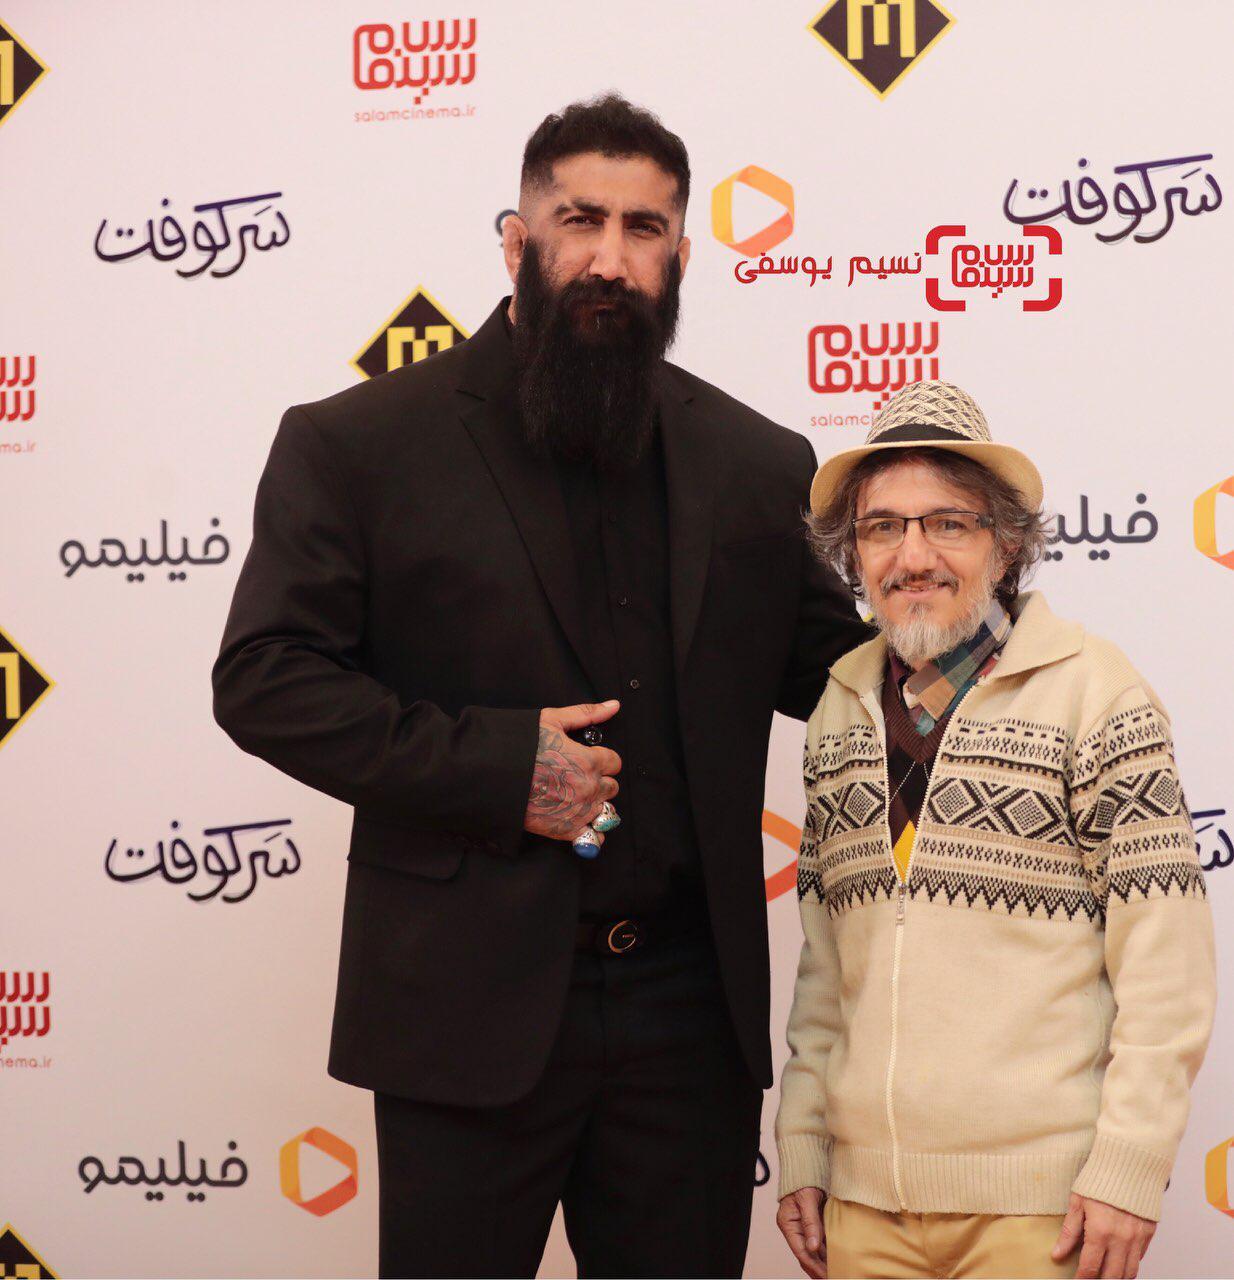 کریم رجبی اکران خصوصی فیلم «سرکوفت» / گزارش تصویری